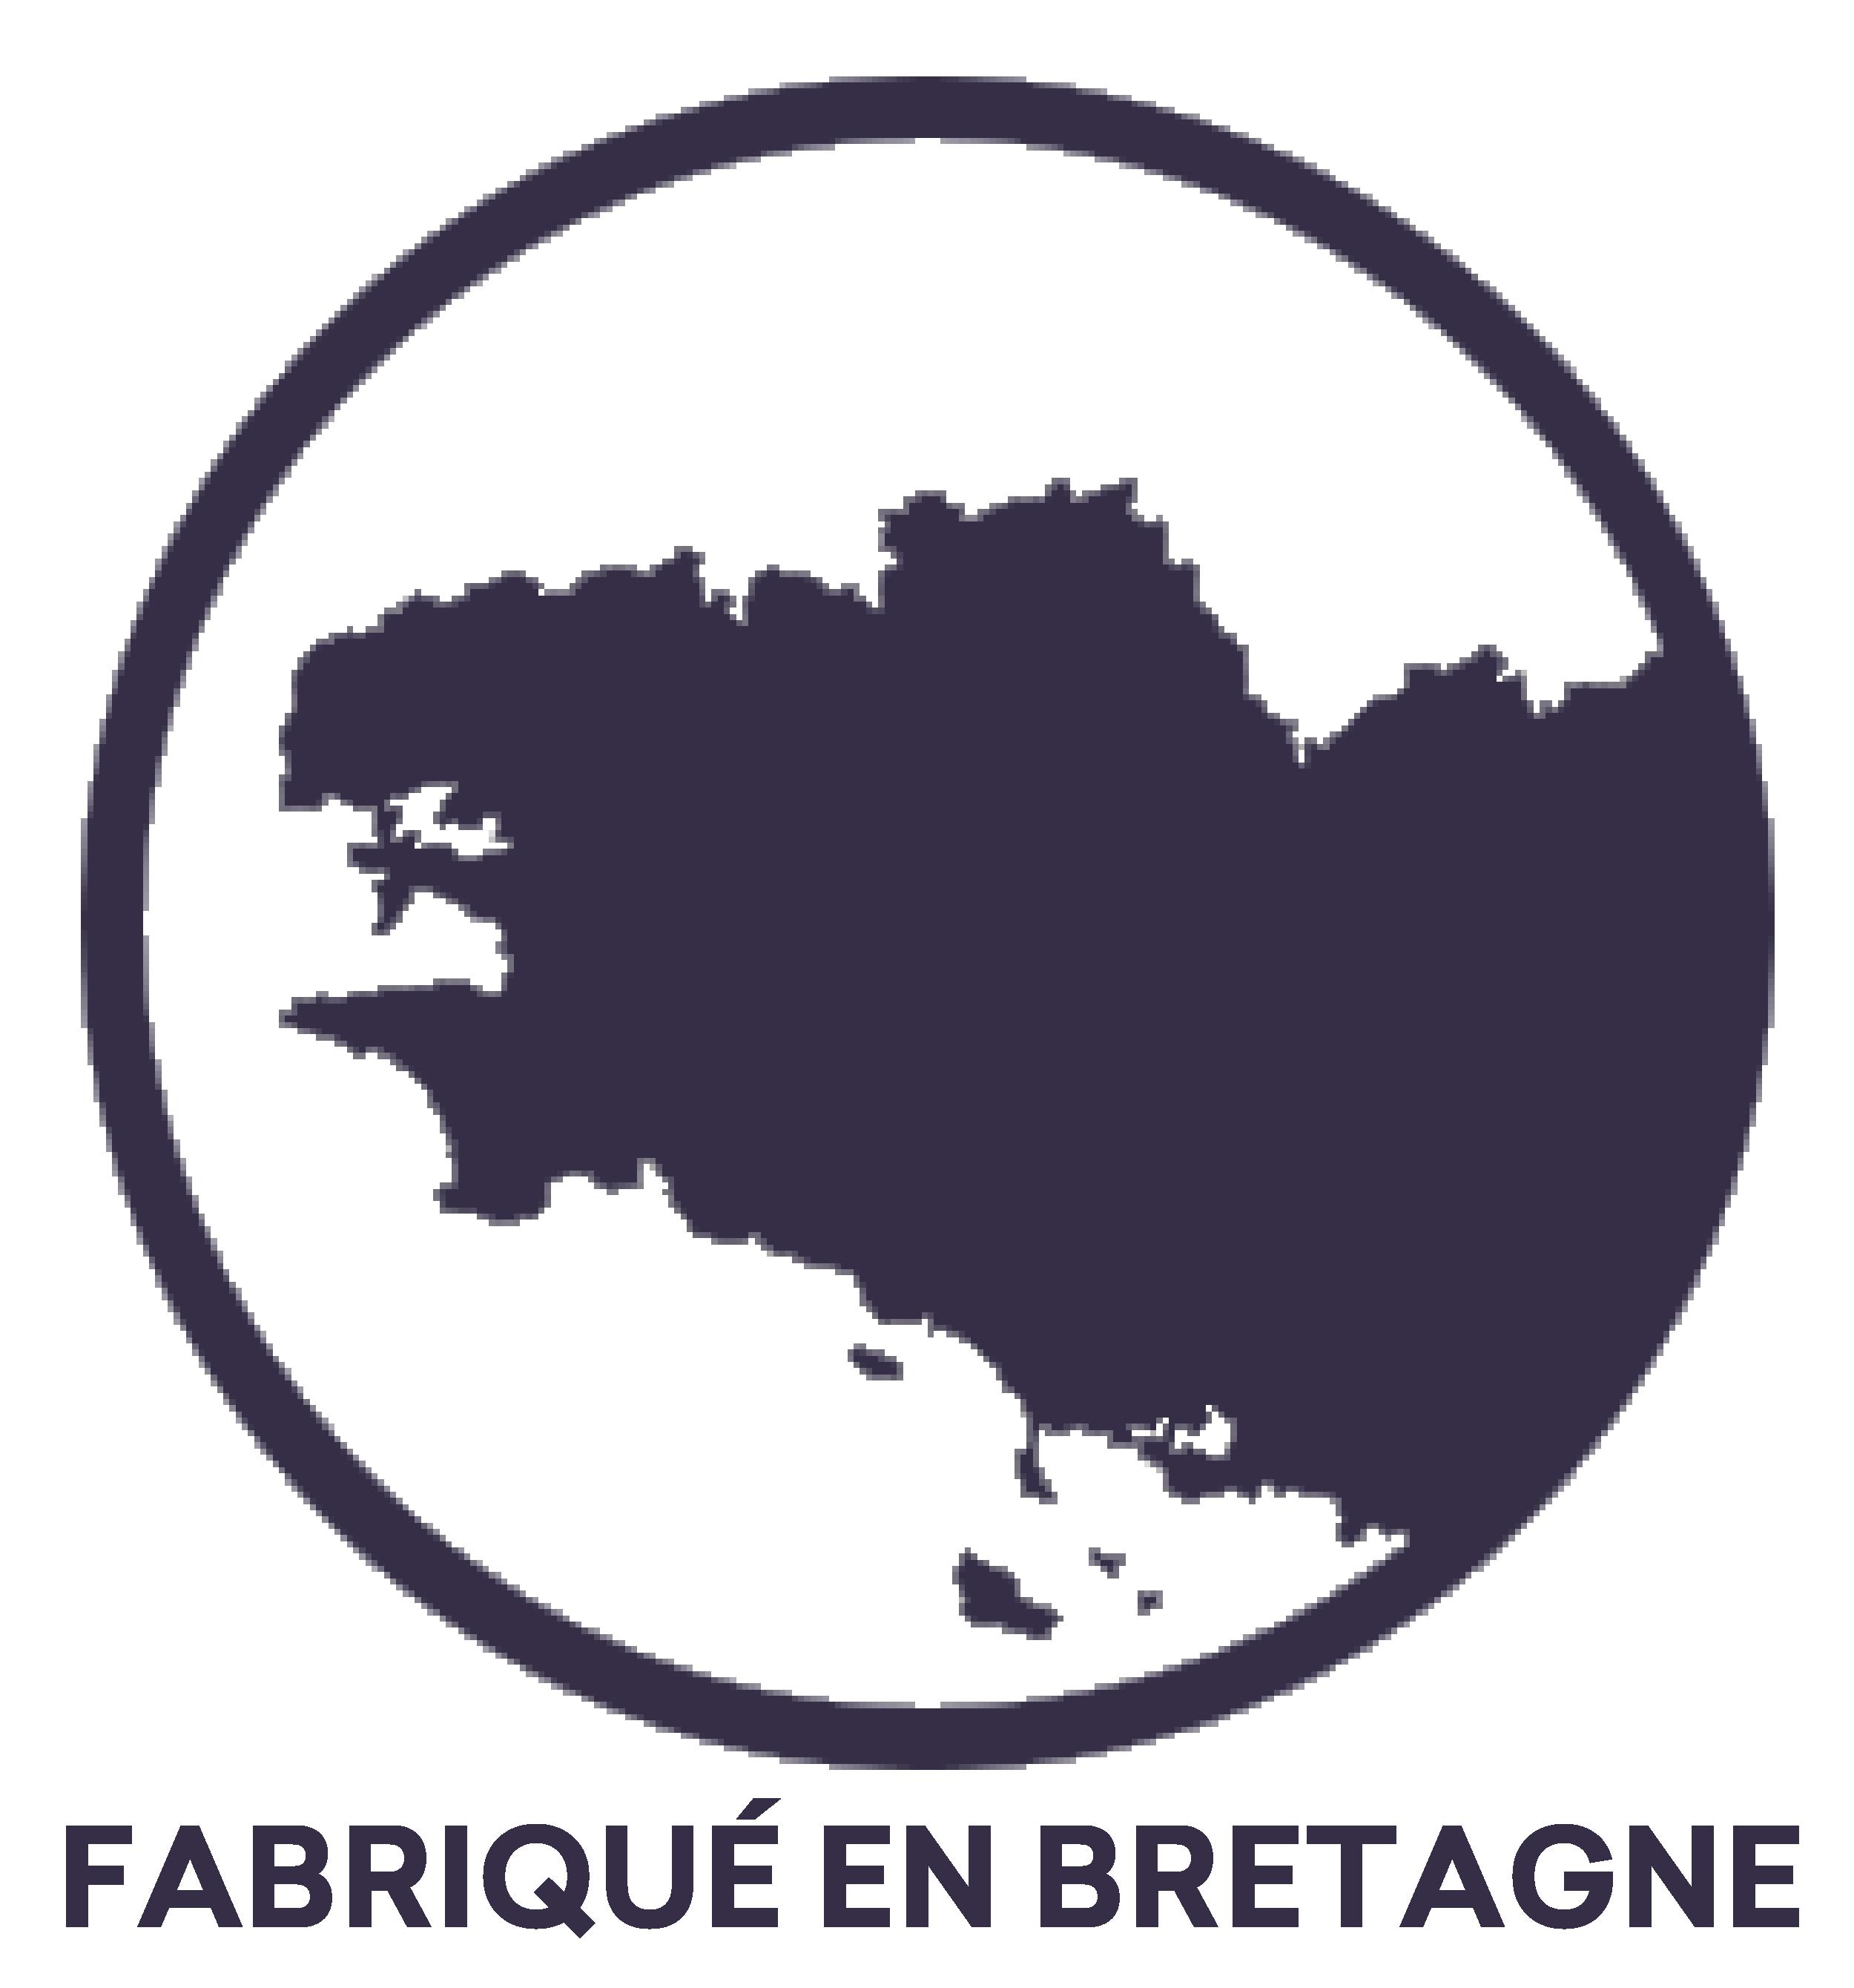 Les produits de V3C environnement sont fabriqués en Bretagne, à Saint-Malo